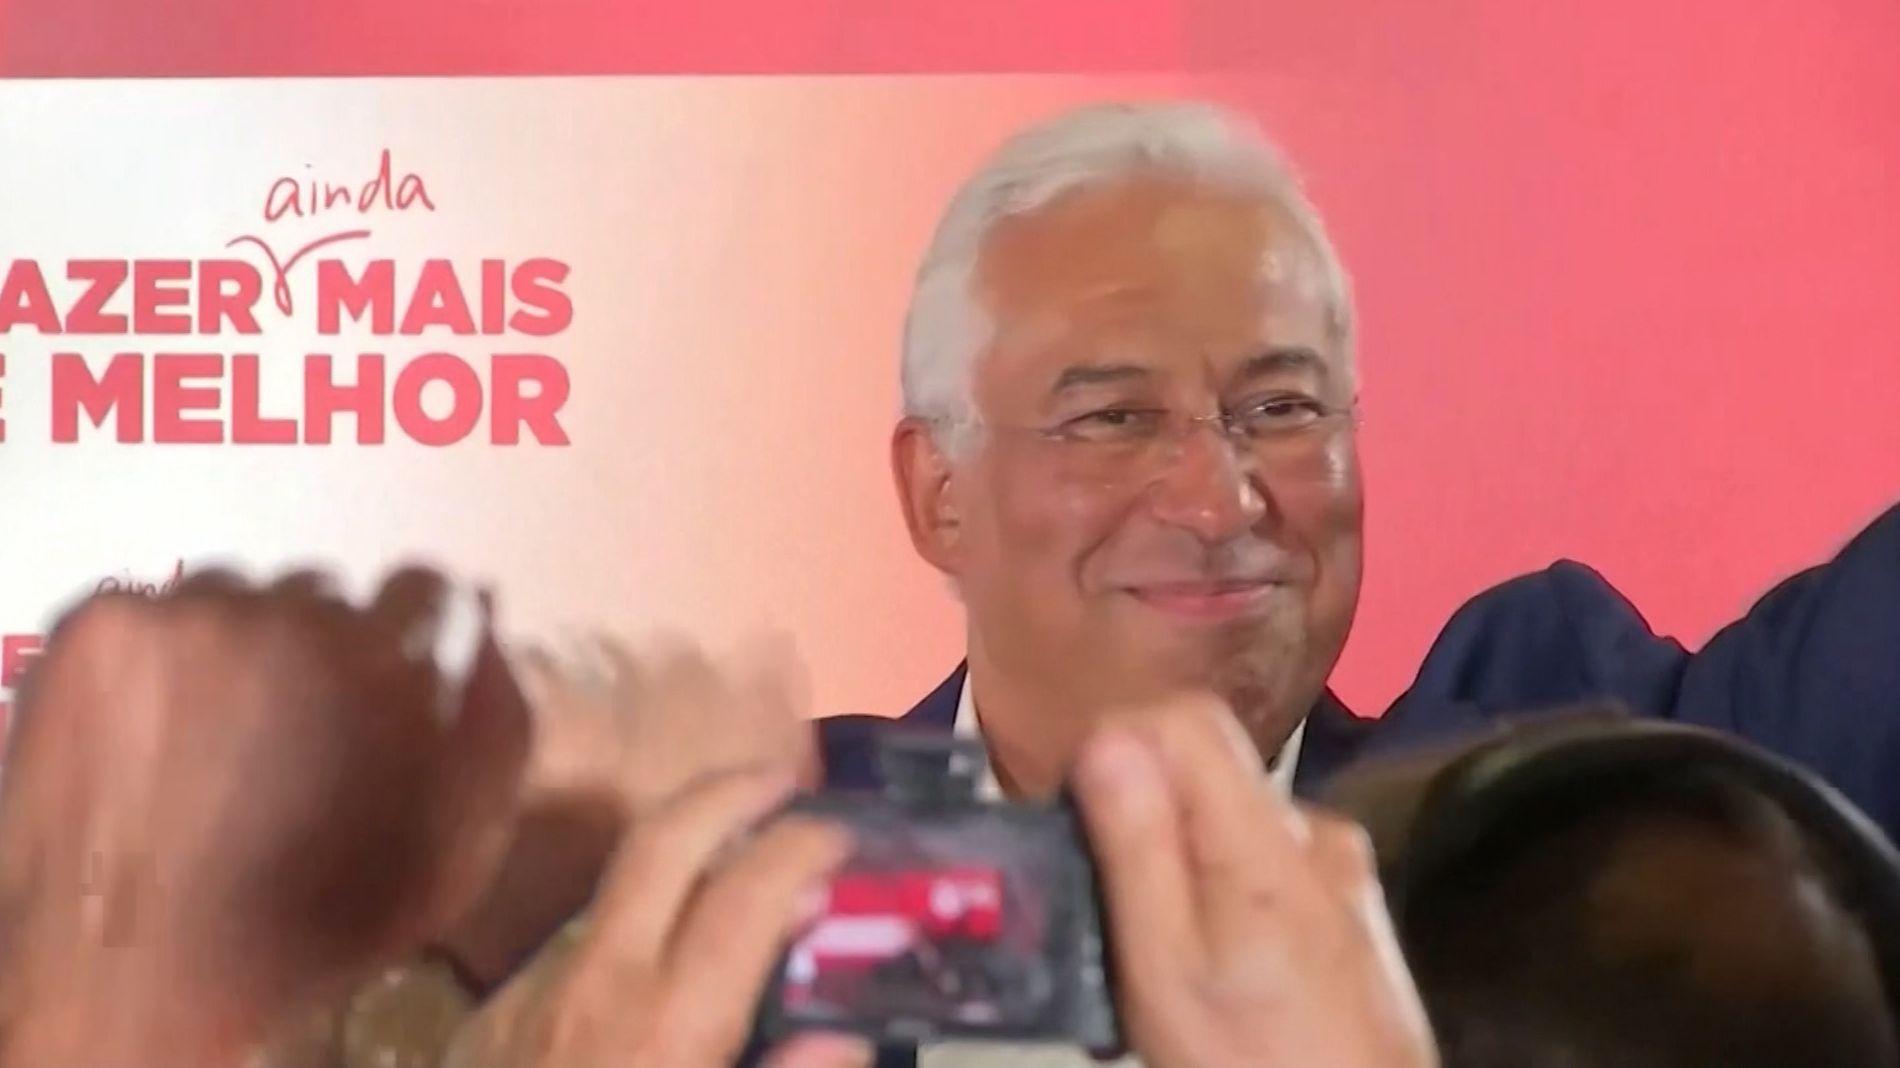 Antonio Costa, Ministerpräsident von Portugal und Kandidat der Sozialistischen Partei, jubelt nach seinem Wahlsieg.